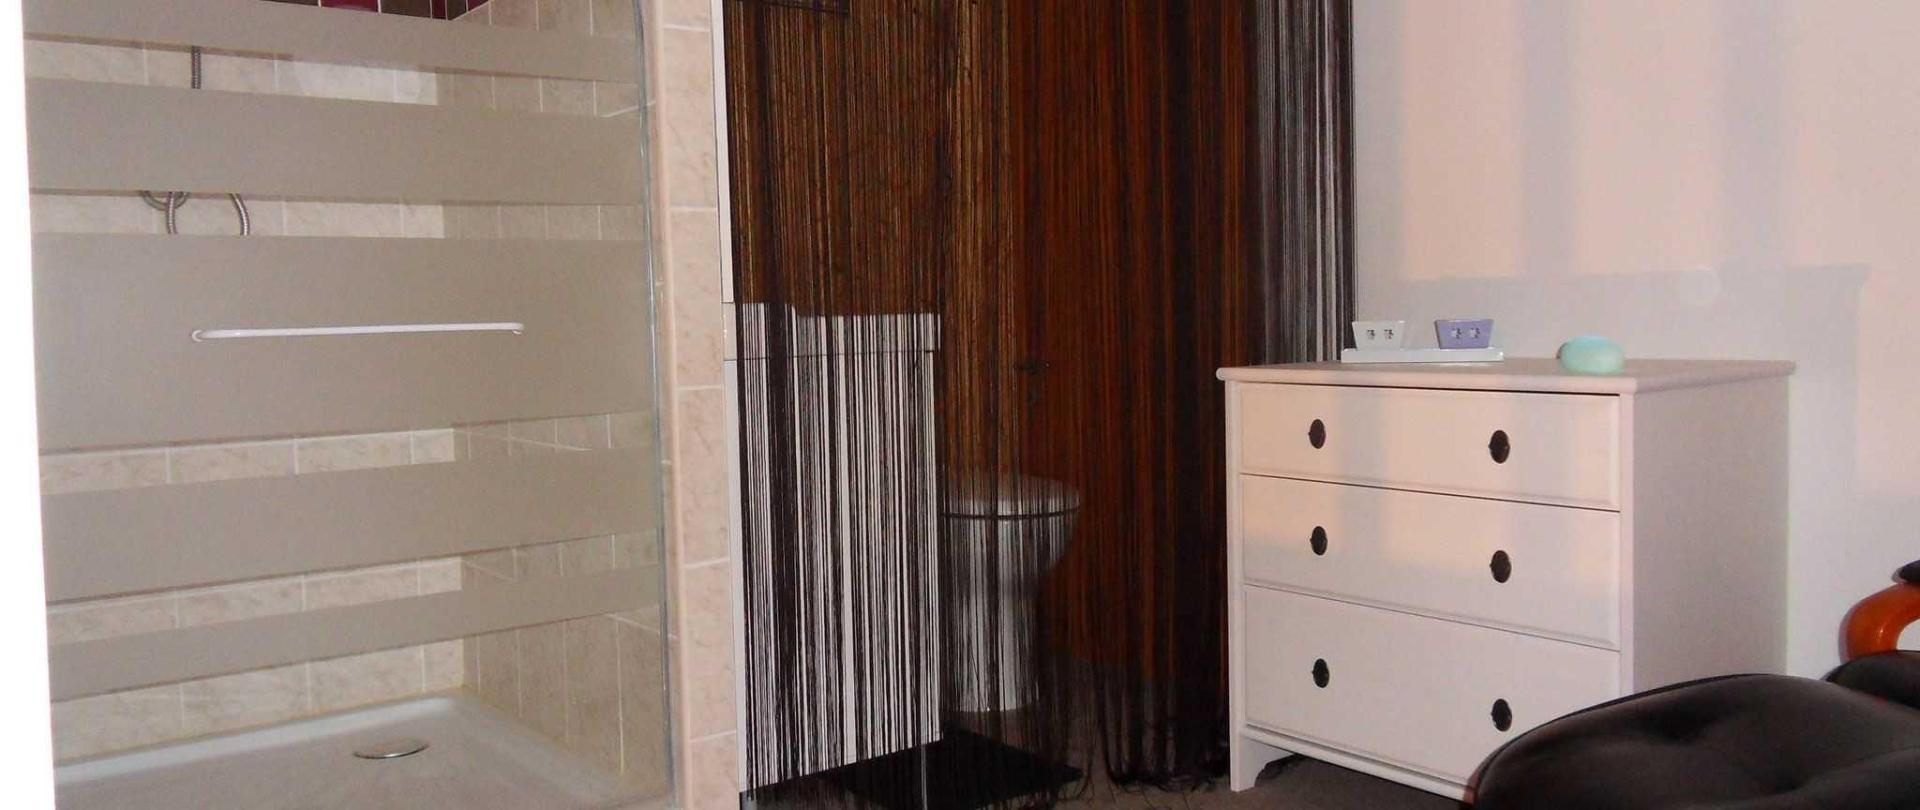 salle-d-eau-lamanou-sur-mezzanine-1.JPG